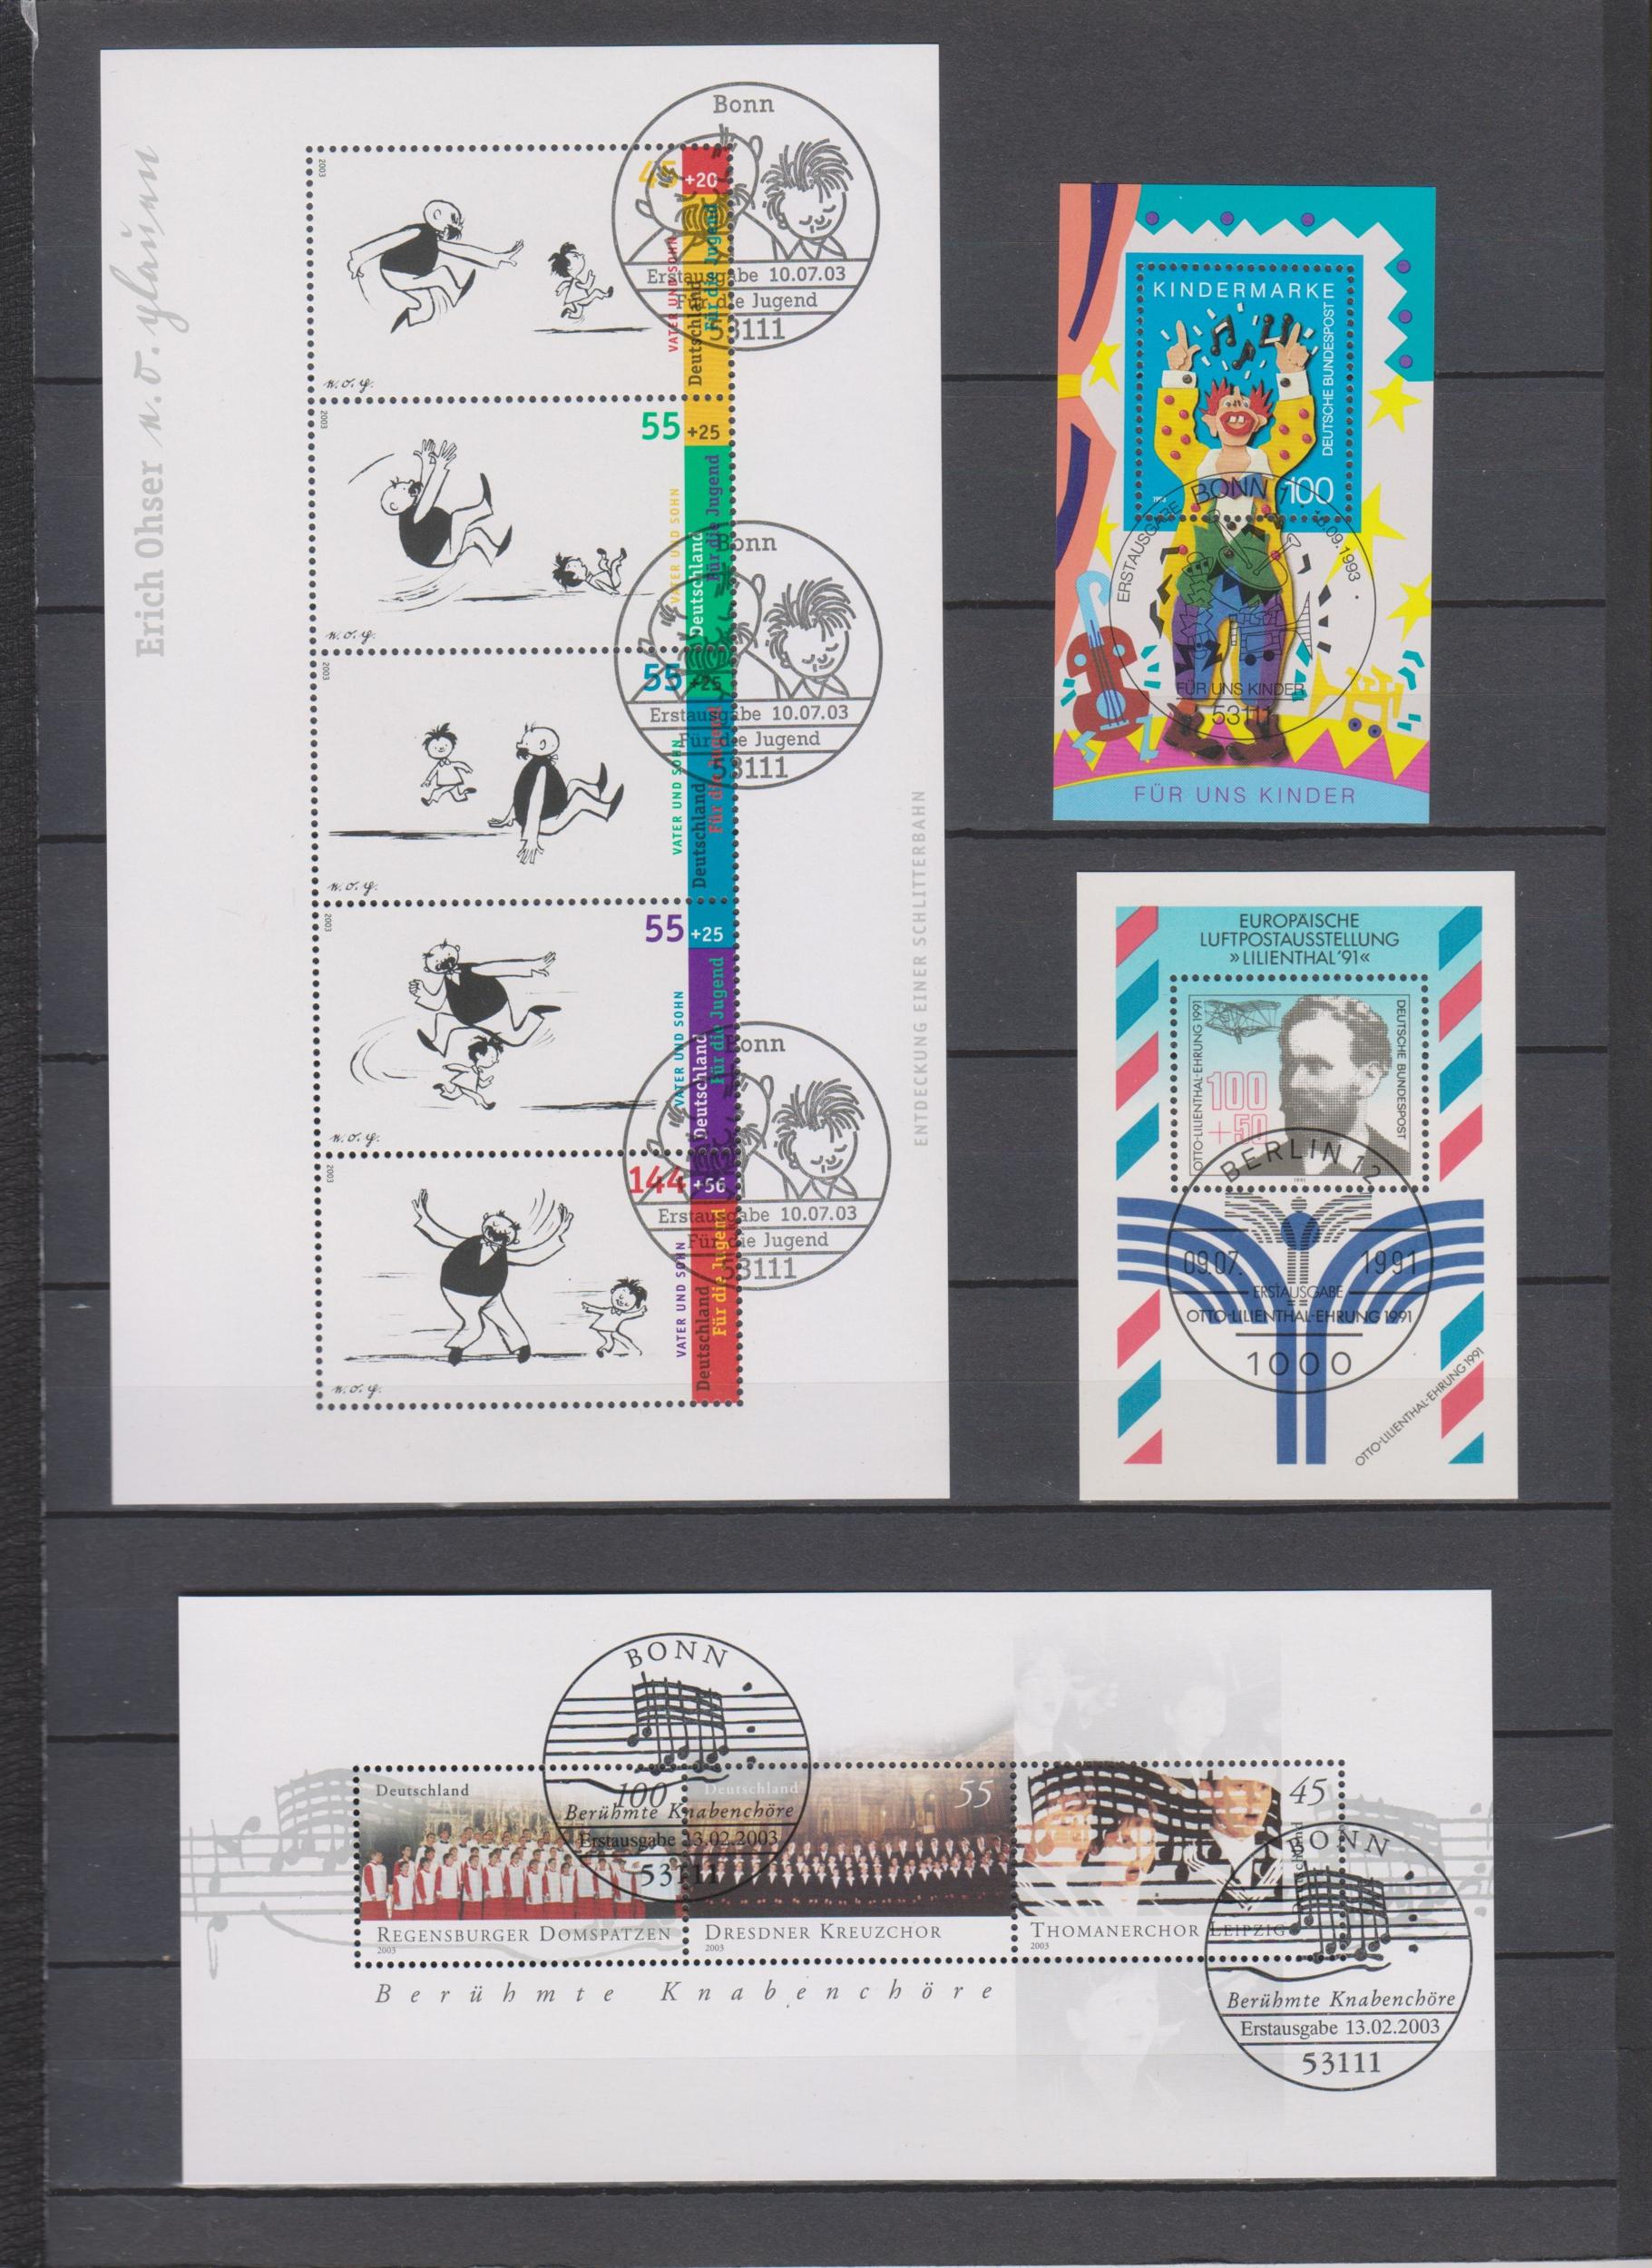 Allemagne - Énorme collection de blocs feuillets oblitérés (13 photos) - Cote €240